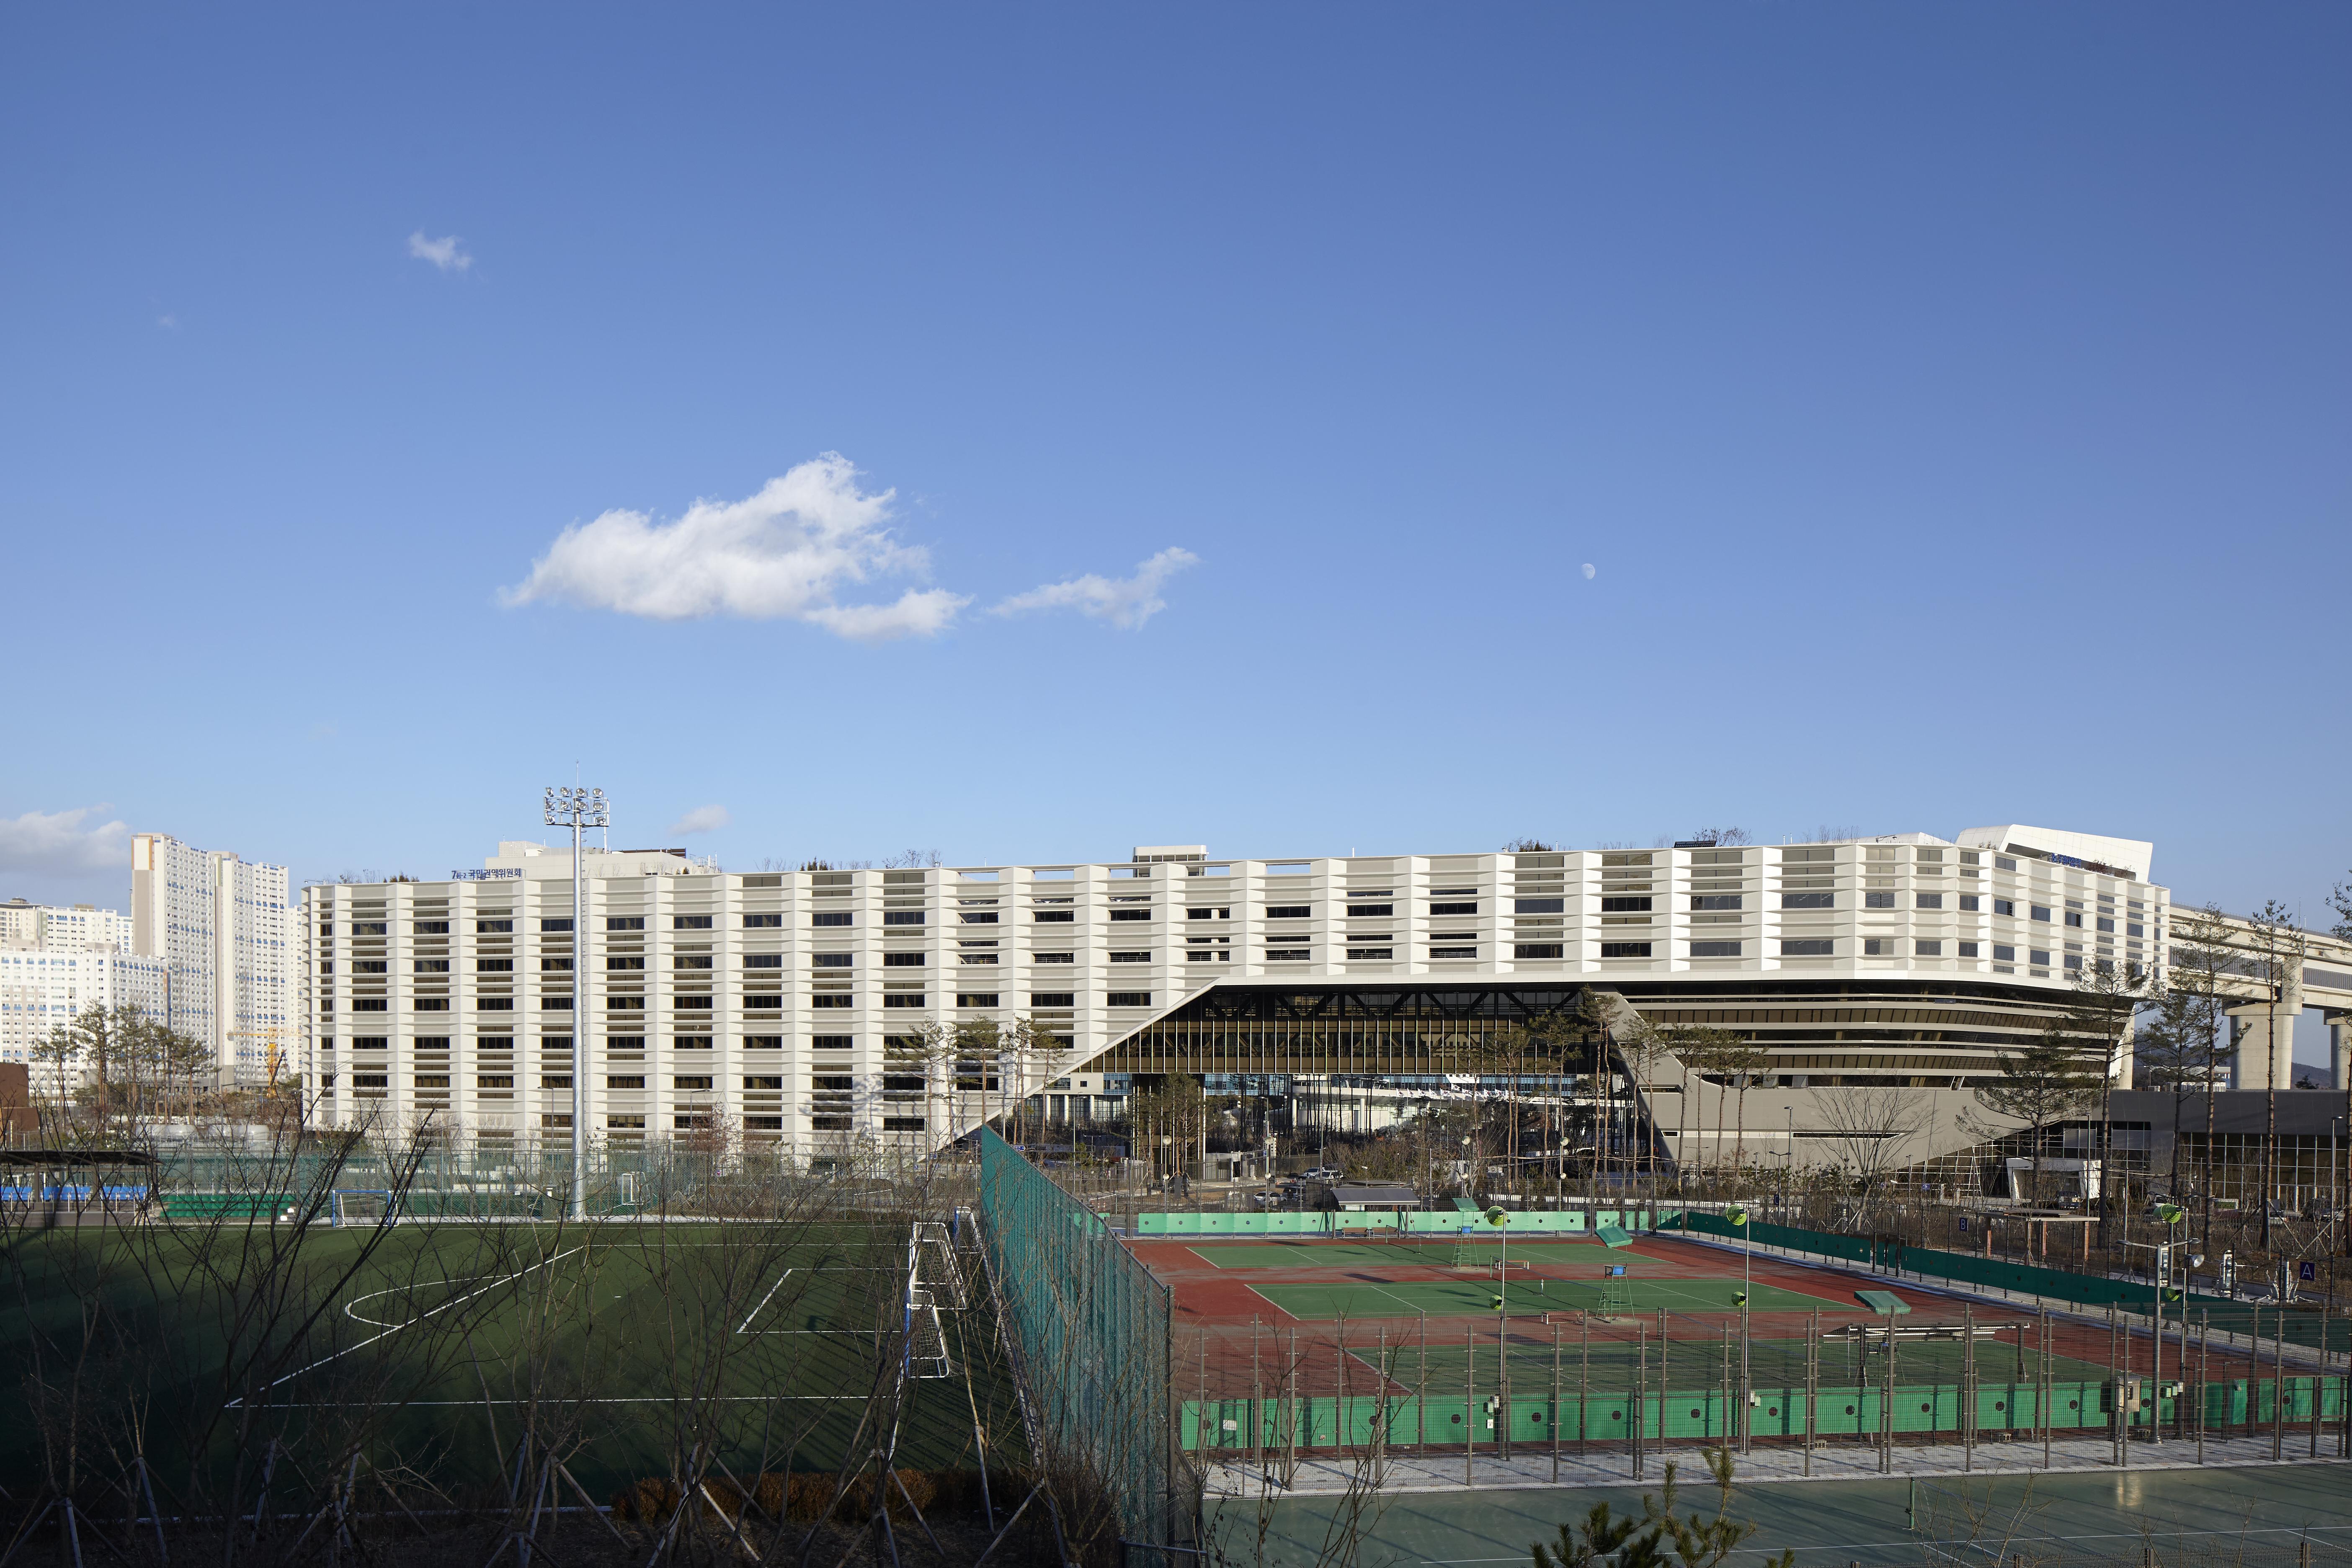 〔안정원의 건축 칼럼〕 미래형 명품도시의 모범 사례로 손꼽히는 행정중심복합도시 5